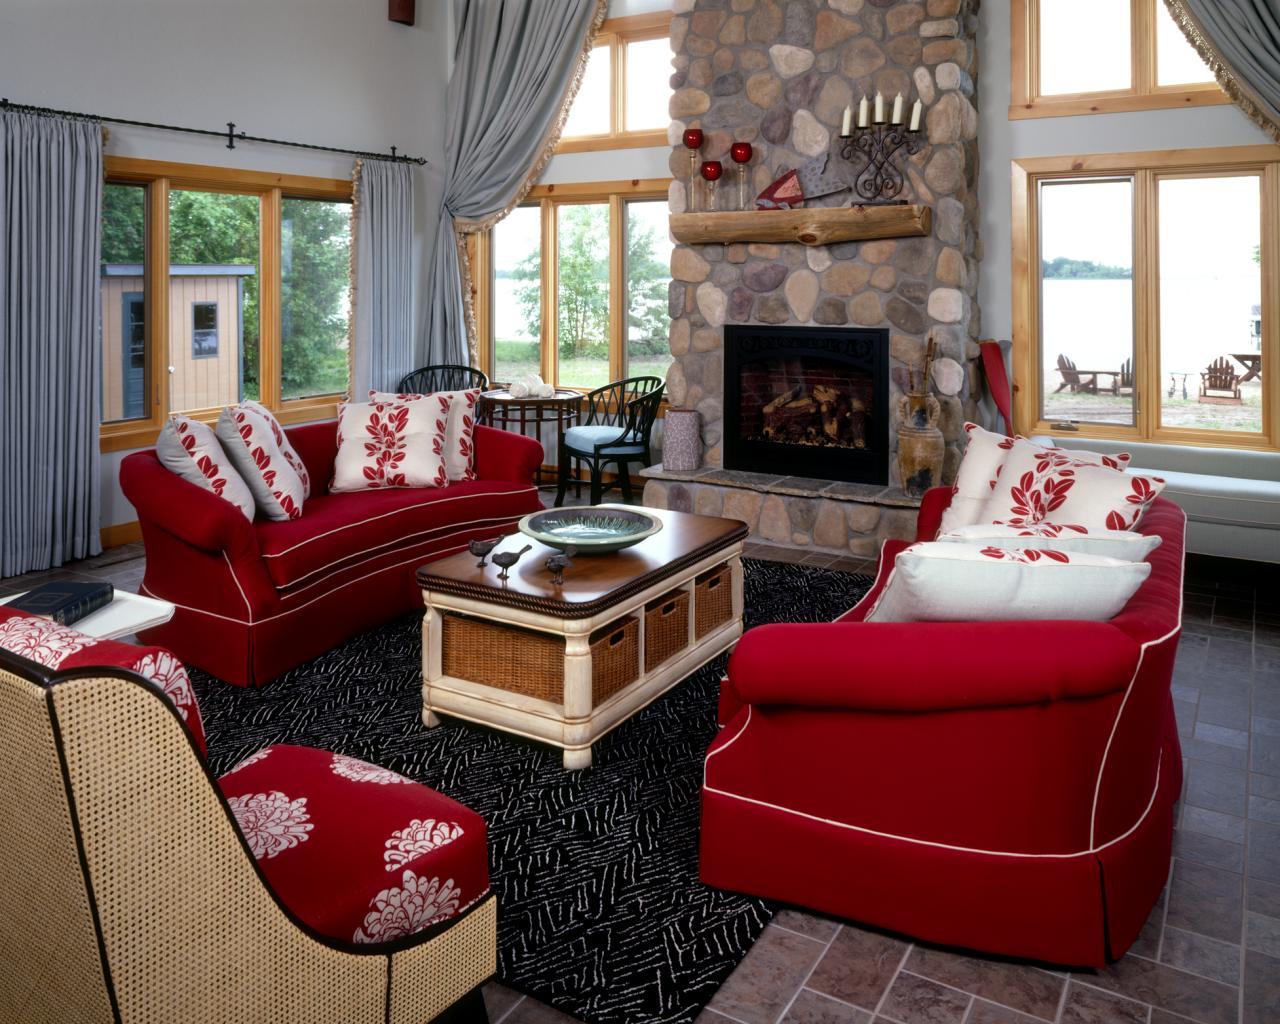 Красный диван в интерьере загородного дома